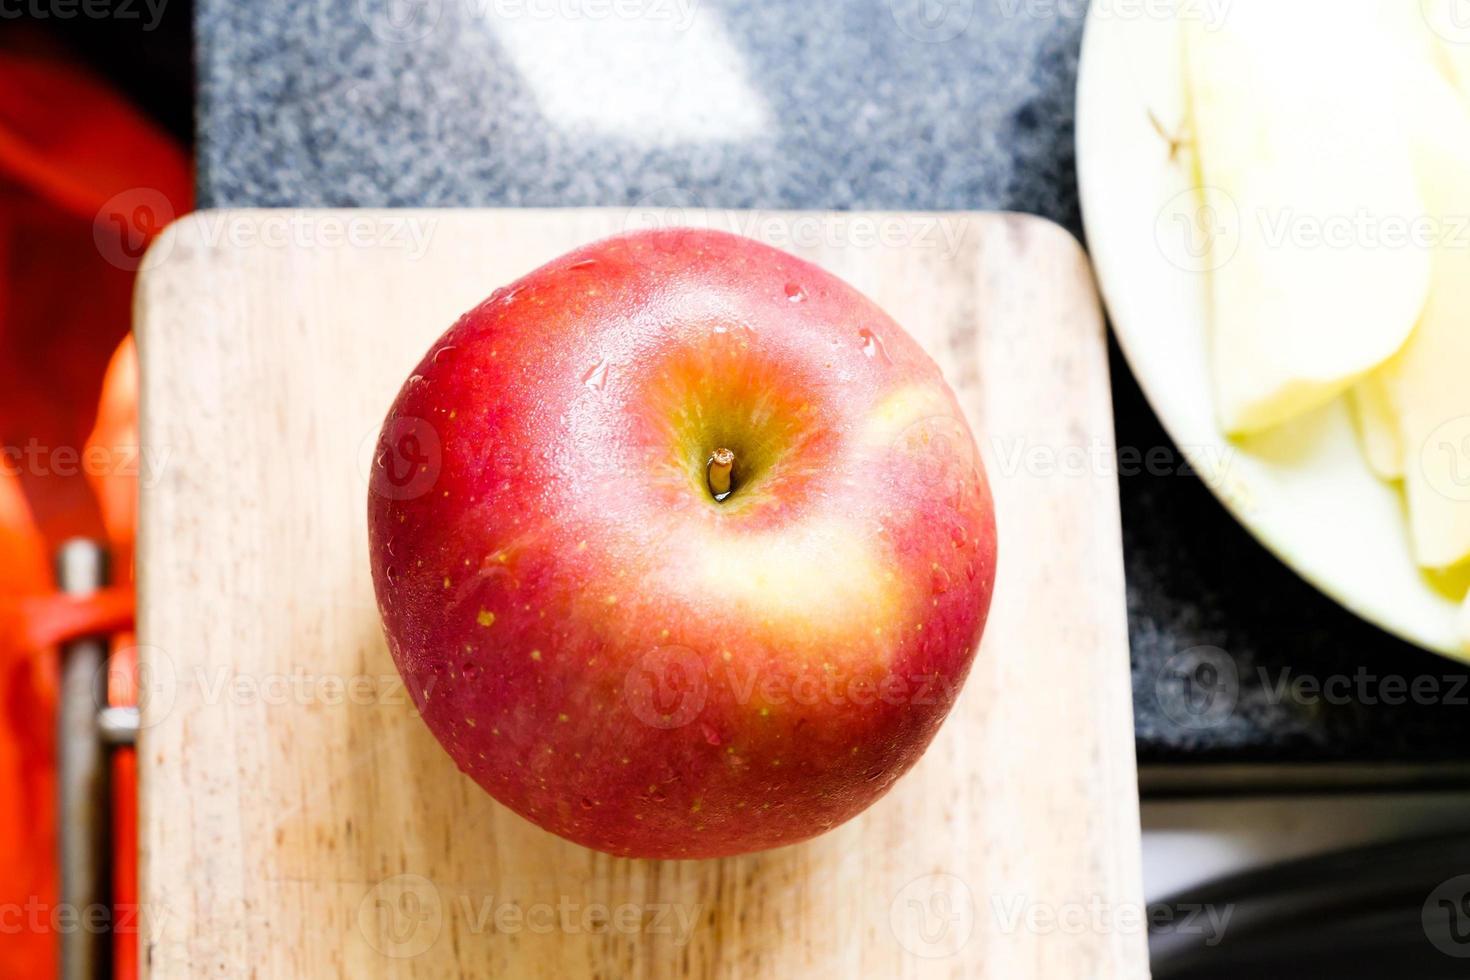 superfície de maçã vermelha cai foto